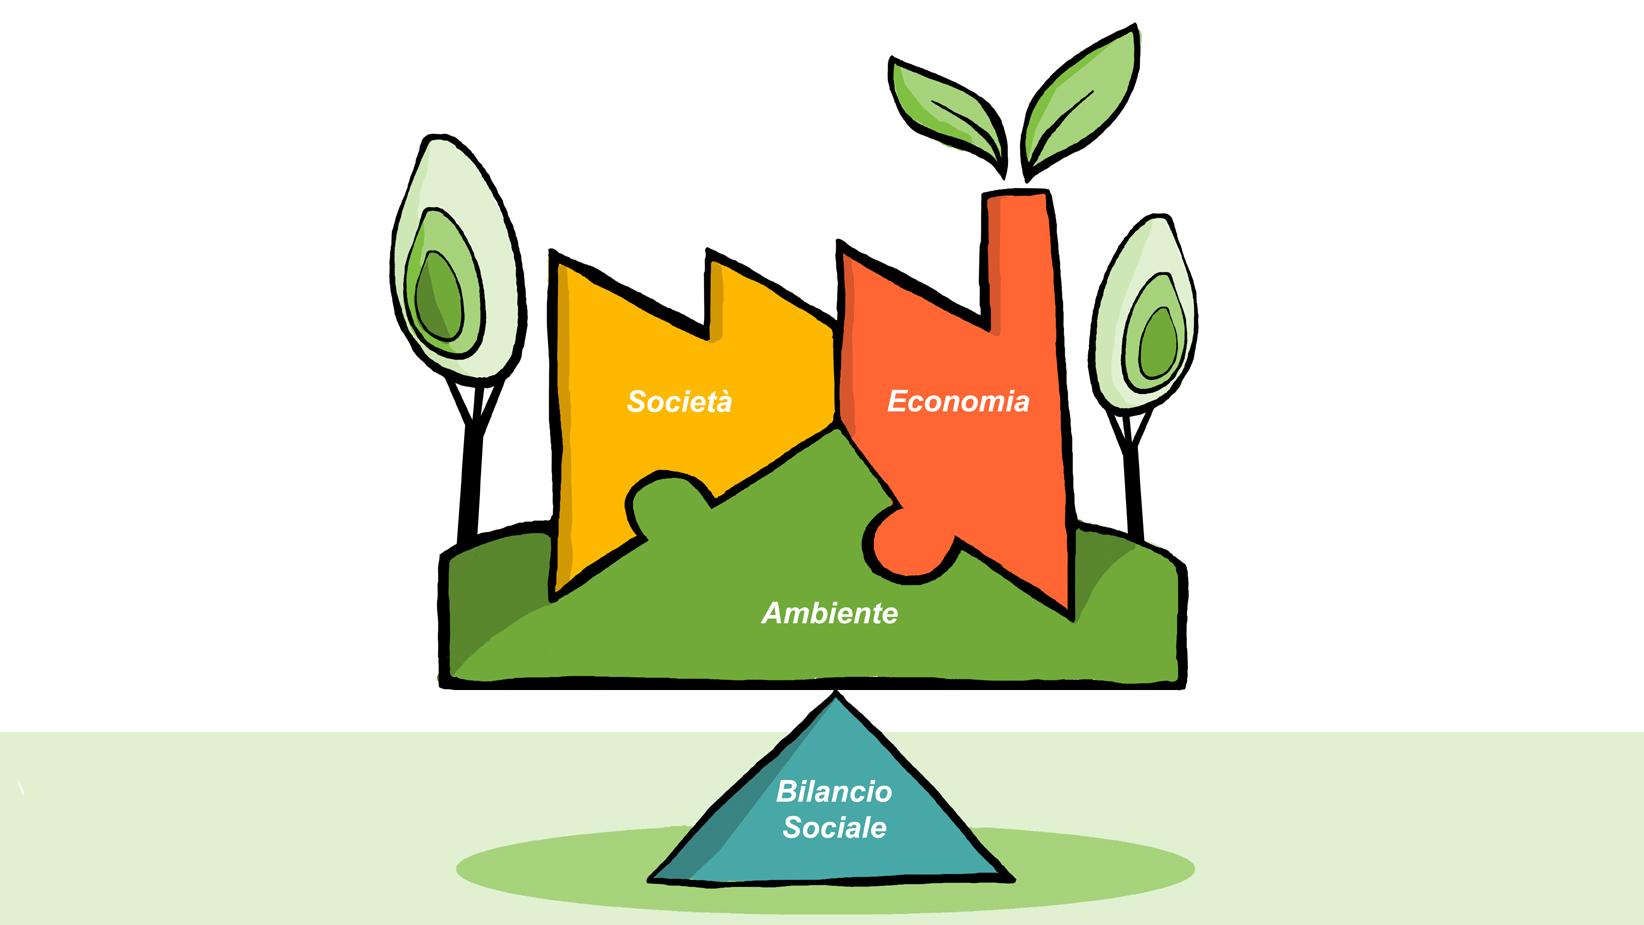 Fenice-green-energy-park-bilancio-sociale